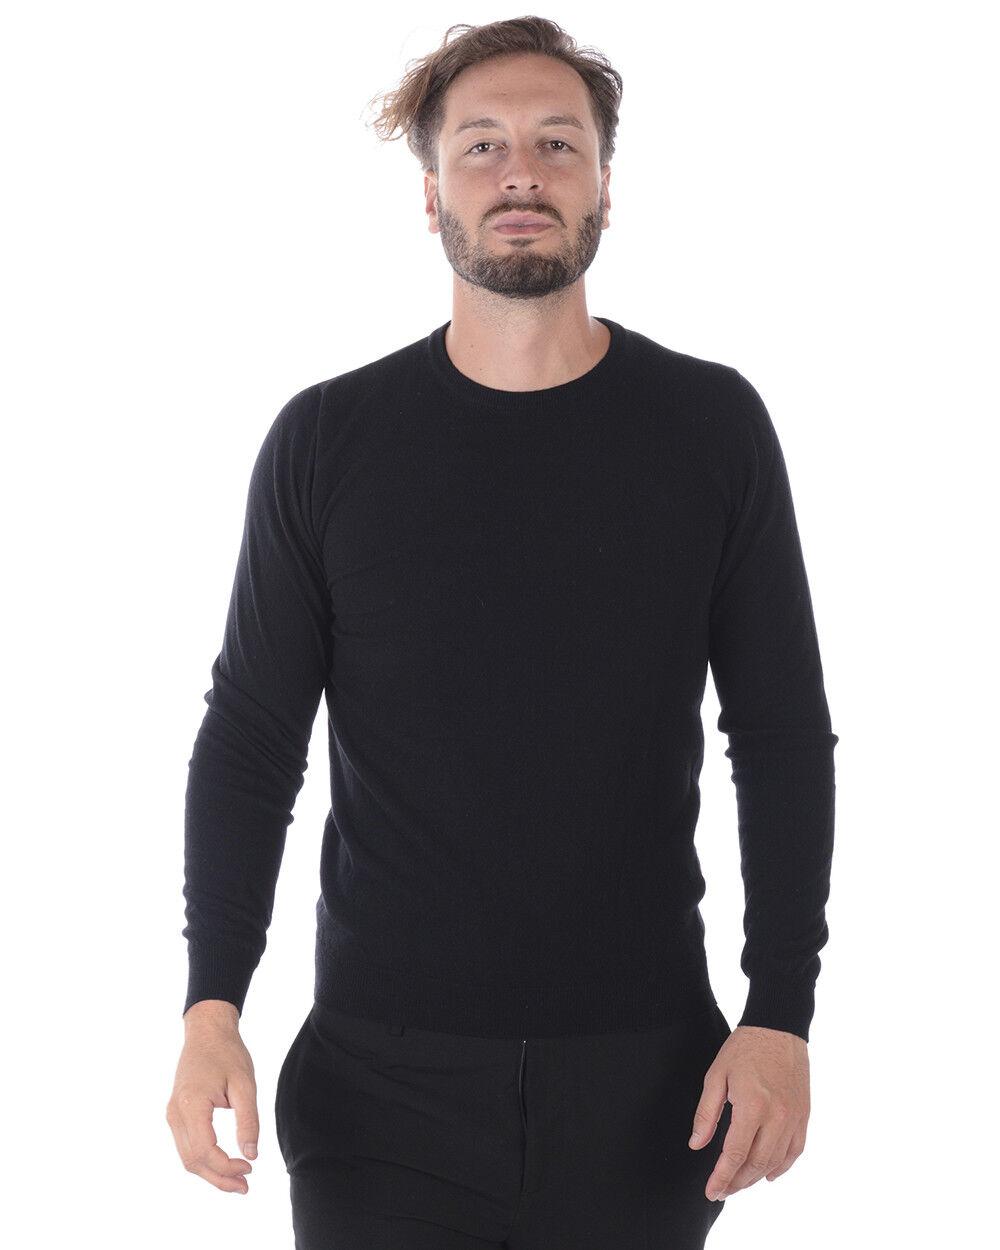 Maglia Maglione Daniele Daniele Daniele Alessandrini Sweater Lana ITALY Uomo Nero FM31220D3706 1 845c0c